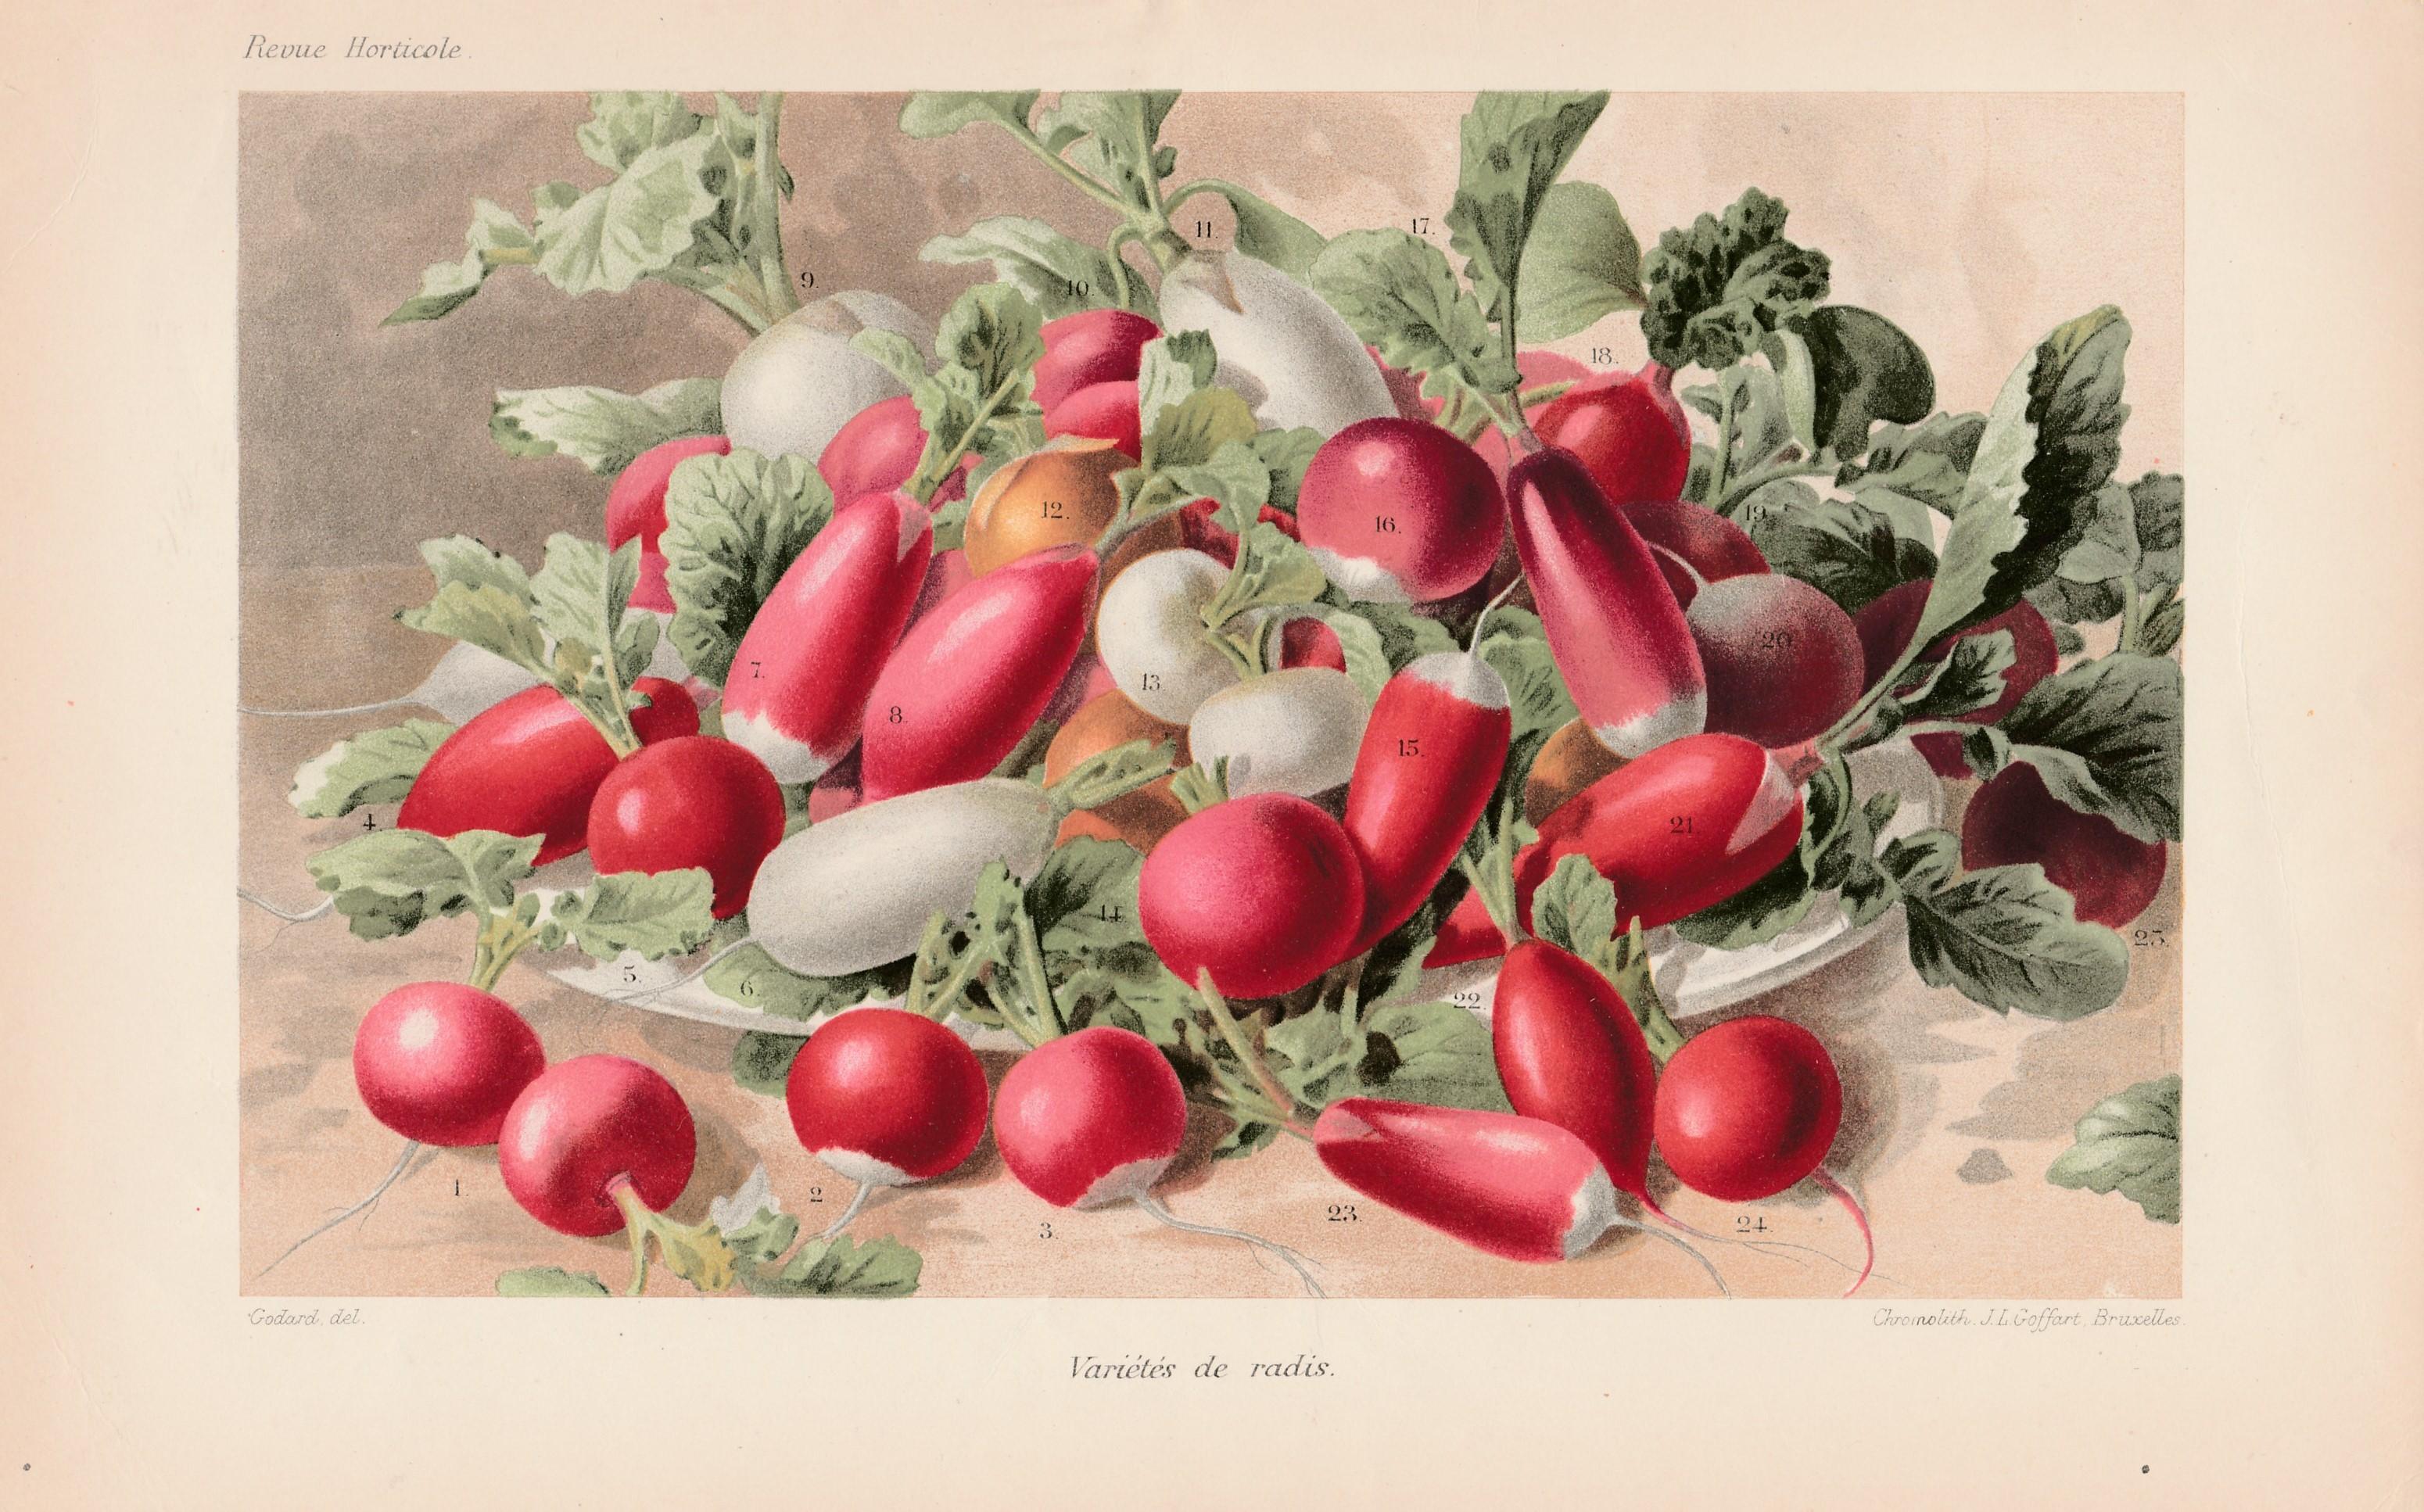 Revue-Horticole-1898-les-radis-